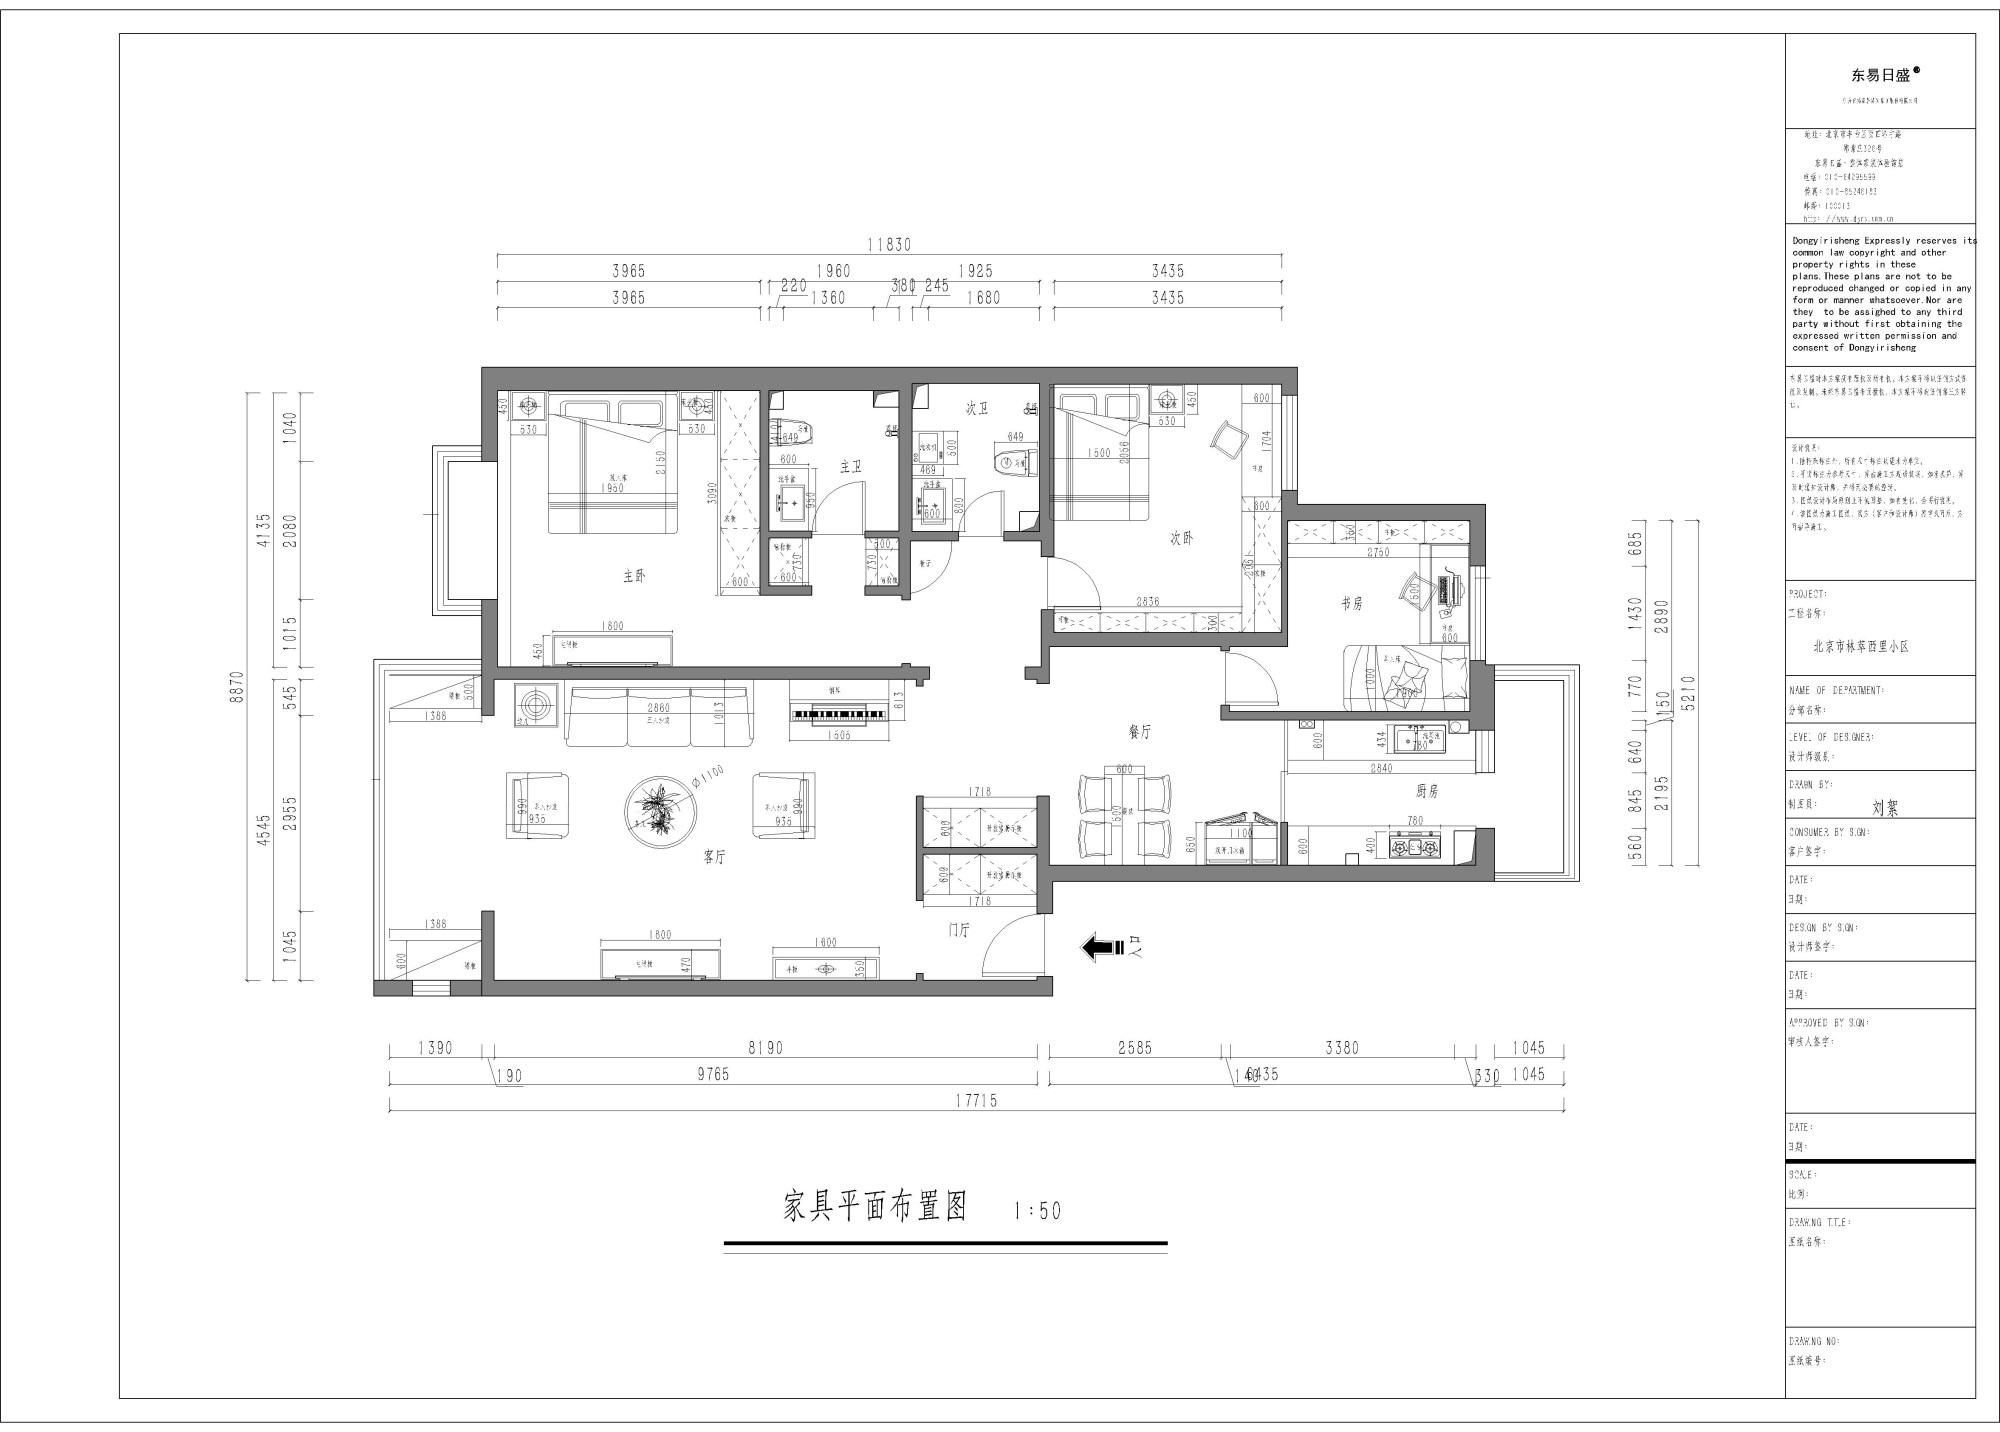 林萃西里-149m/2-简约美式装潢性状style成果图装潢策划愿景